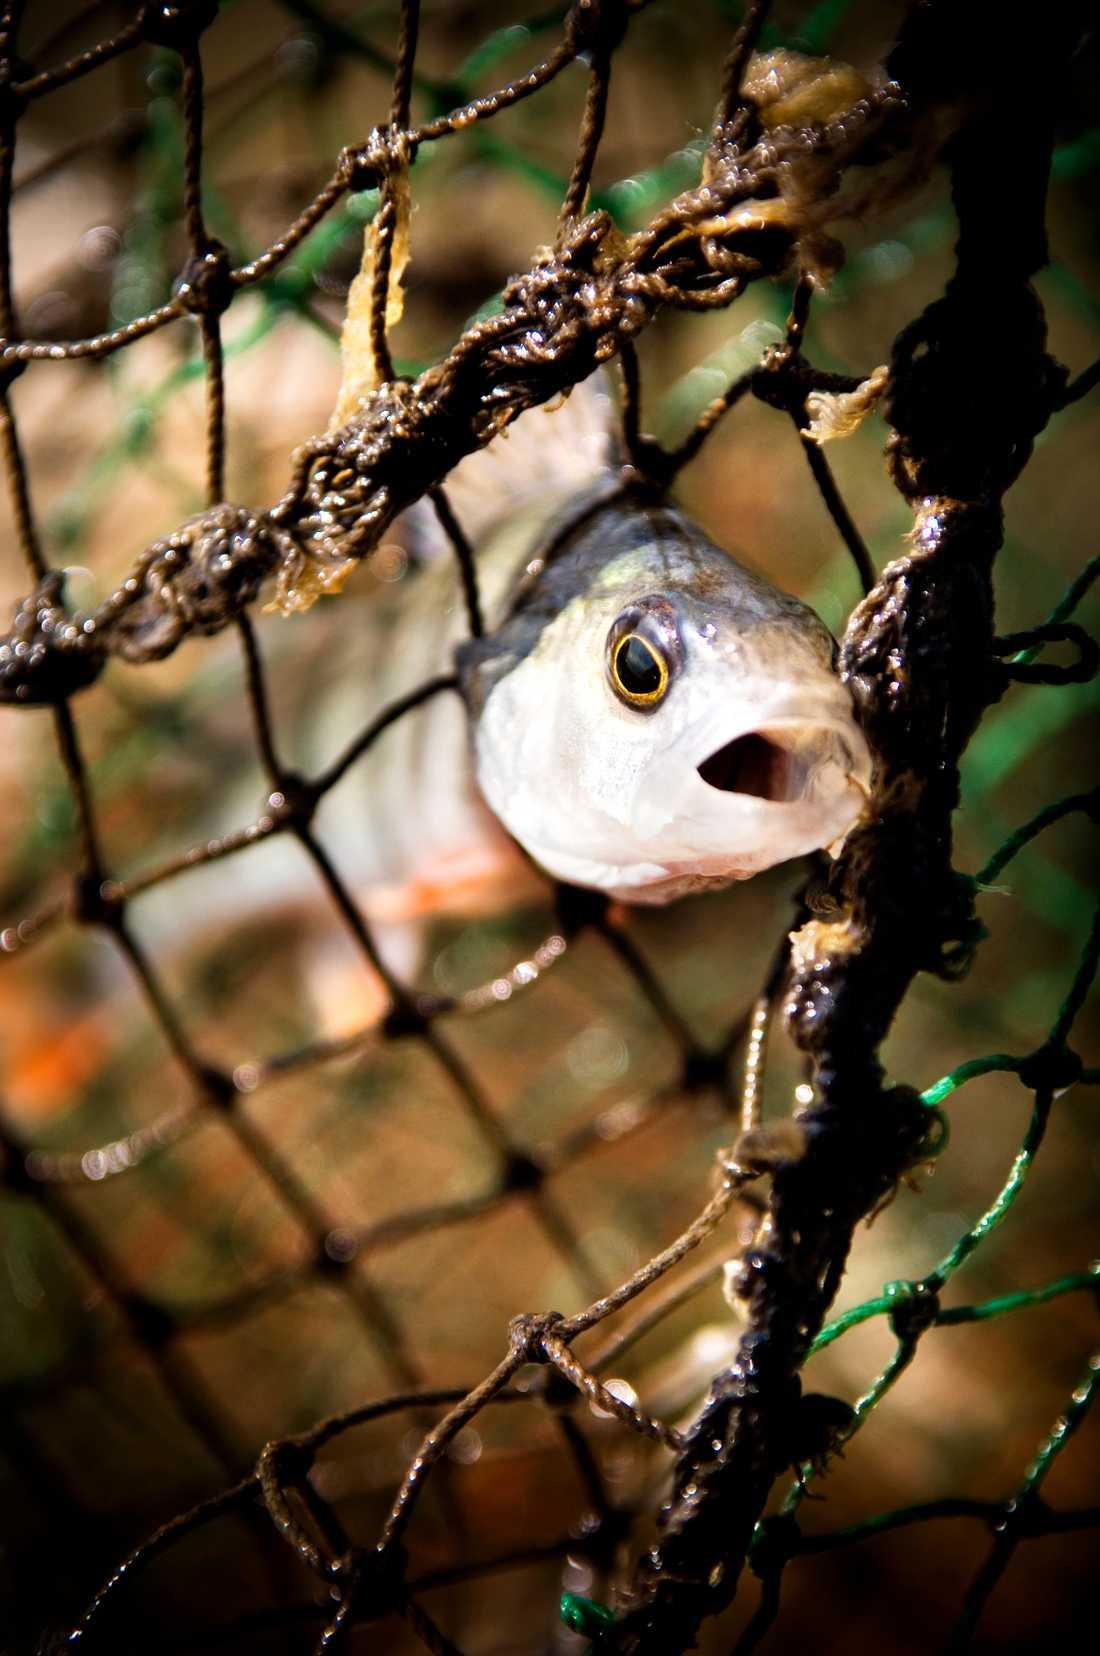 Från 1 september i år begränsas möjligheten att fiska med nät på vatten grundare än tre meter längs ostkusten i bland annat Gävleborg.